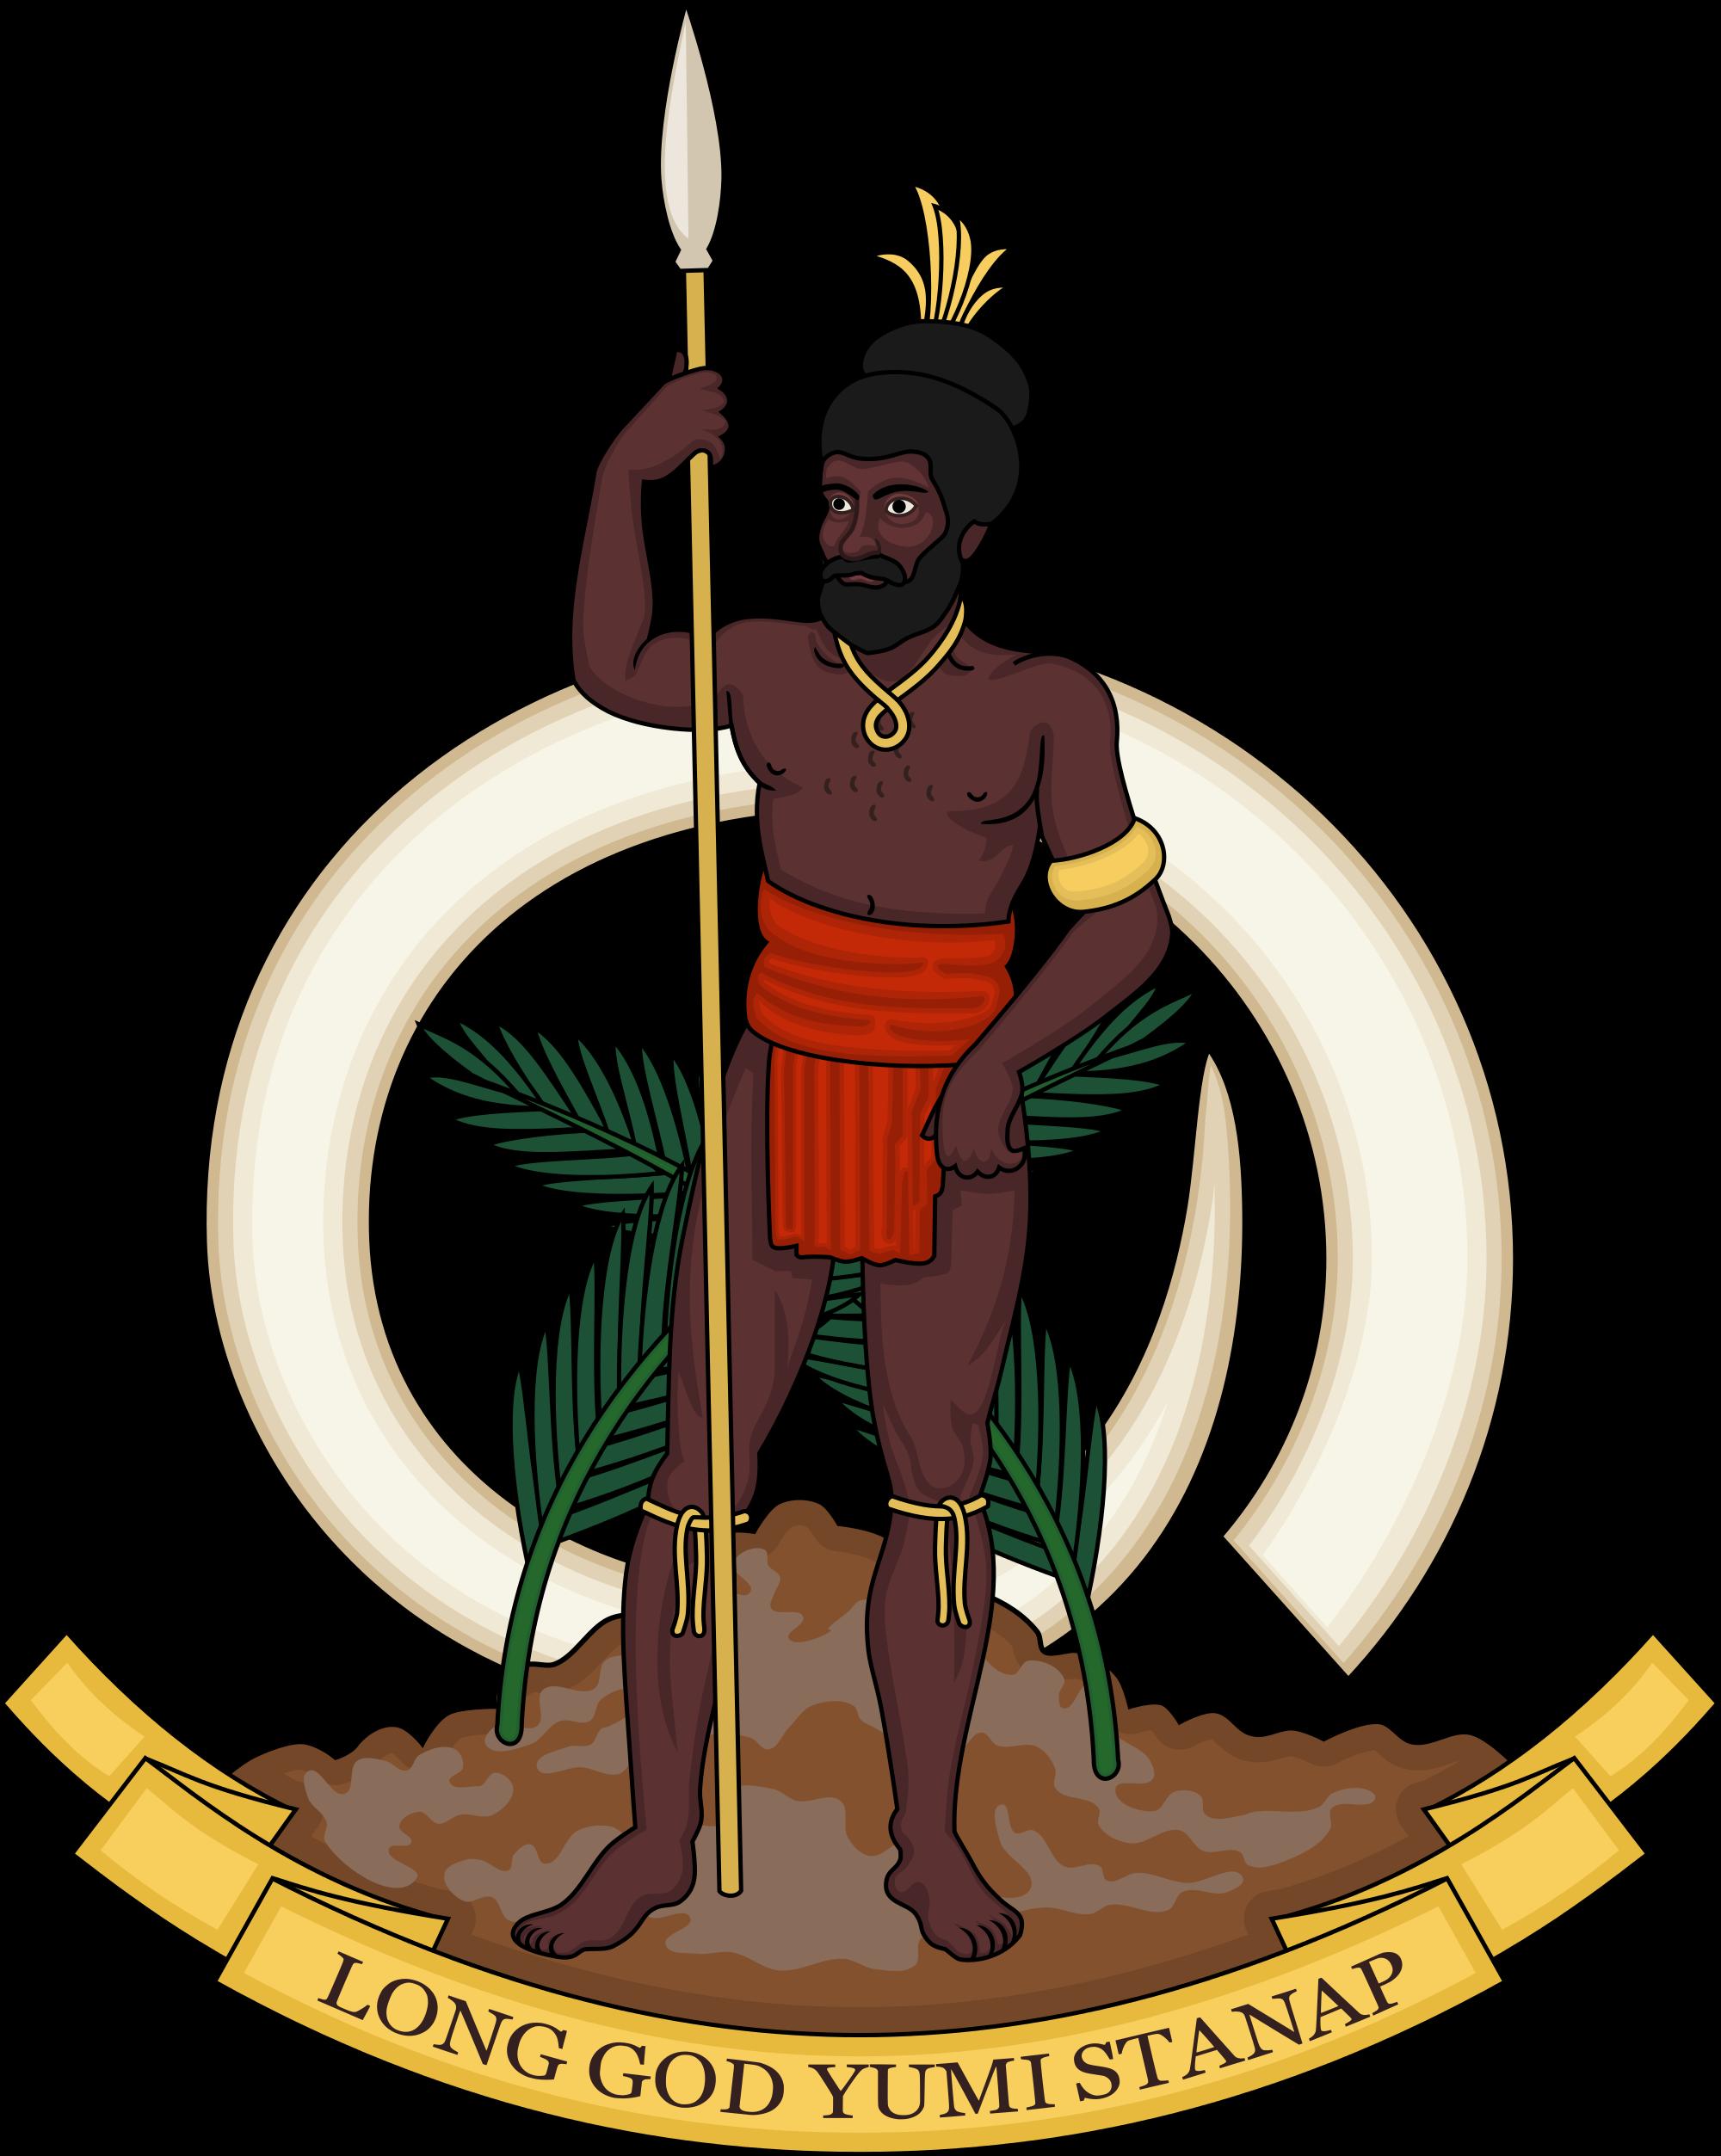 Coat of arms vanuatu. Ham clipart carcass